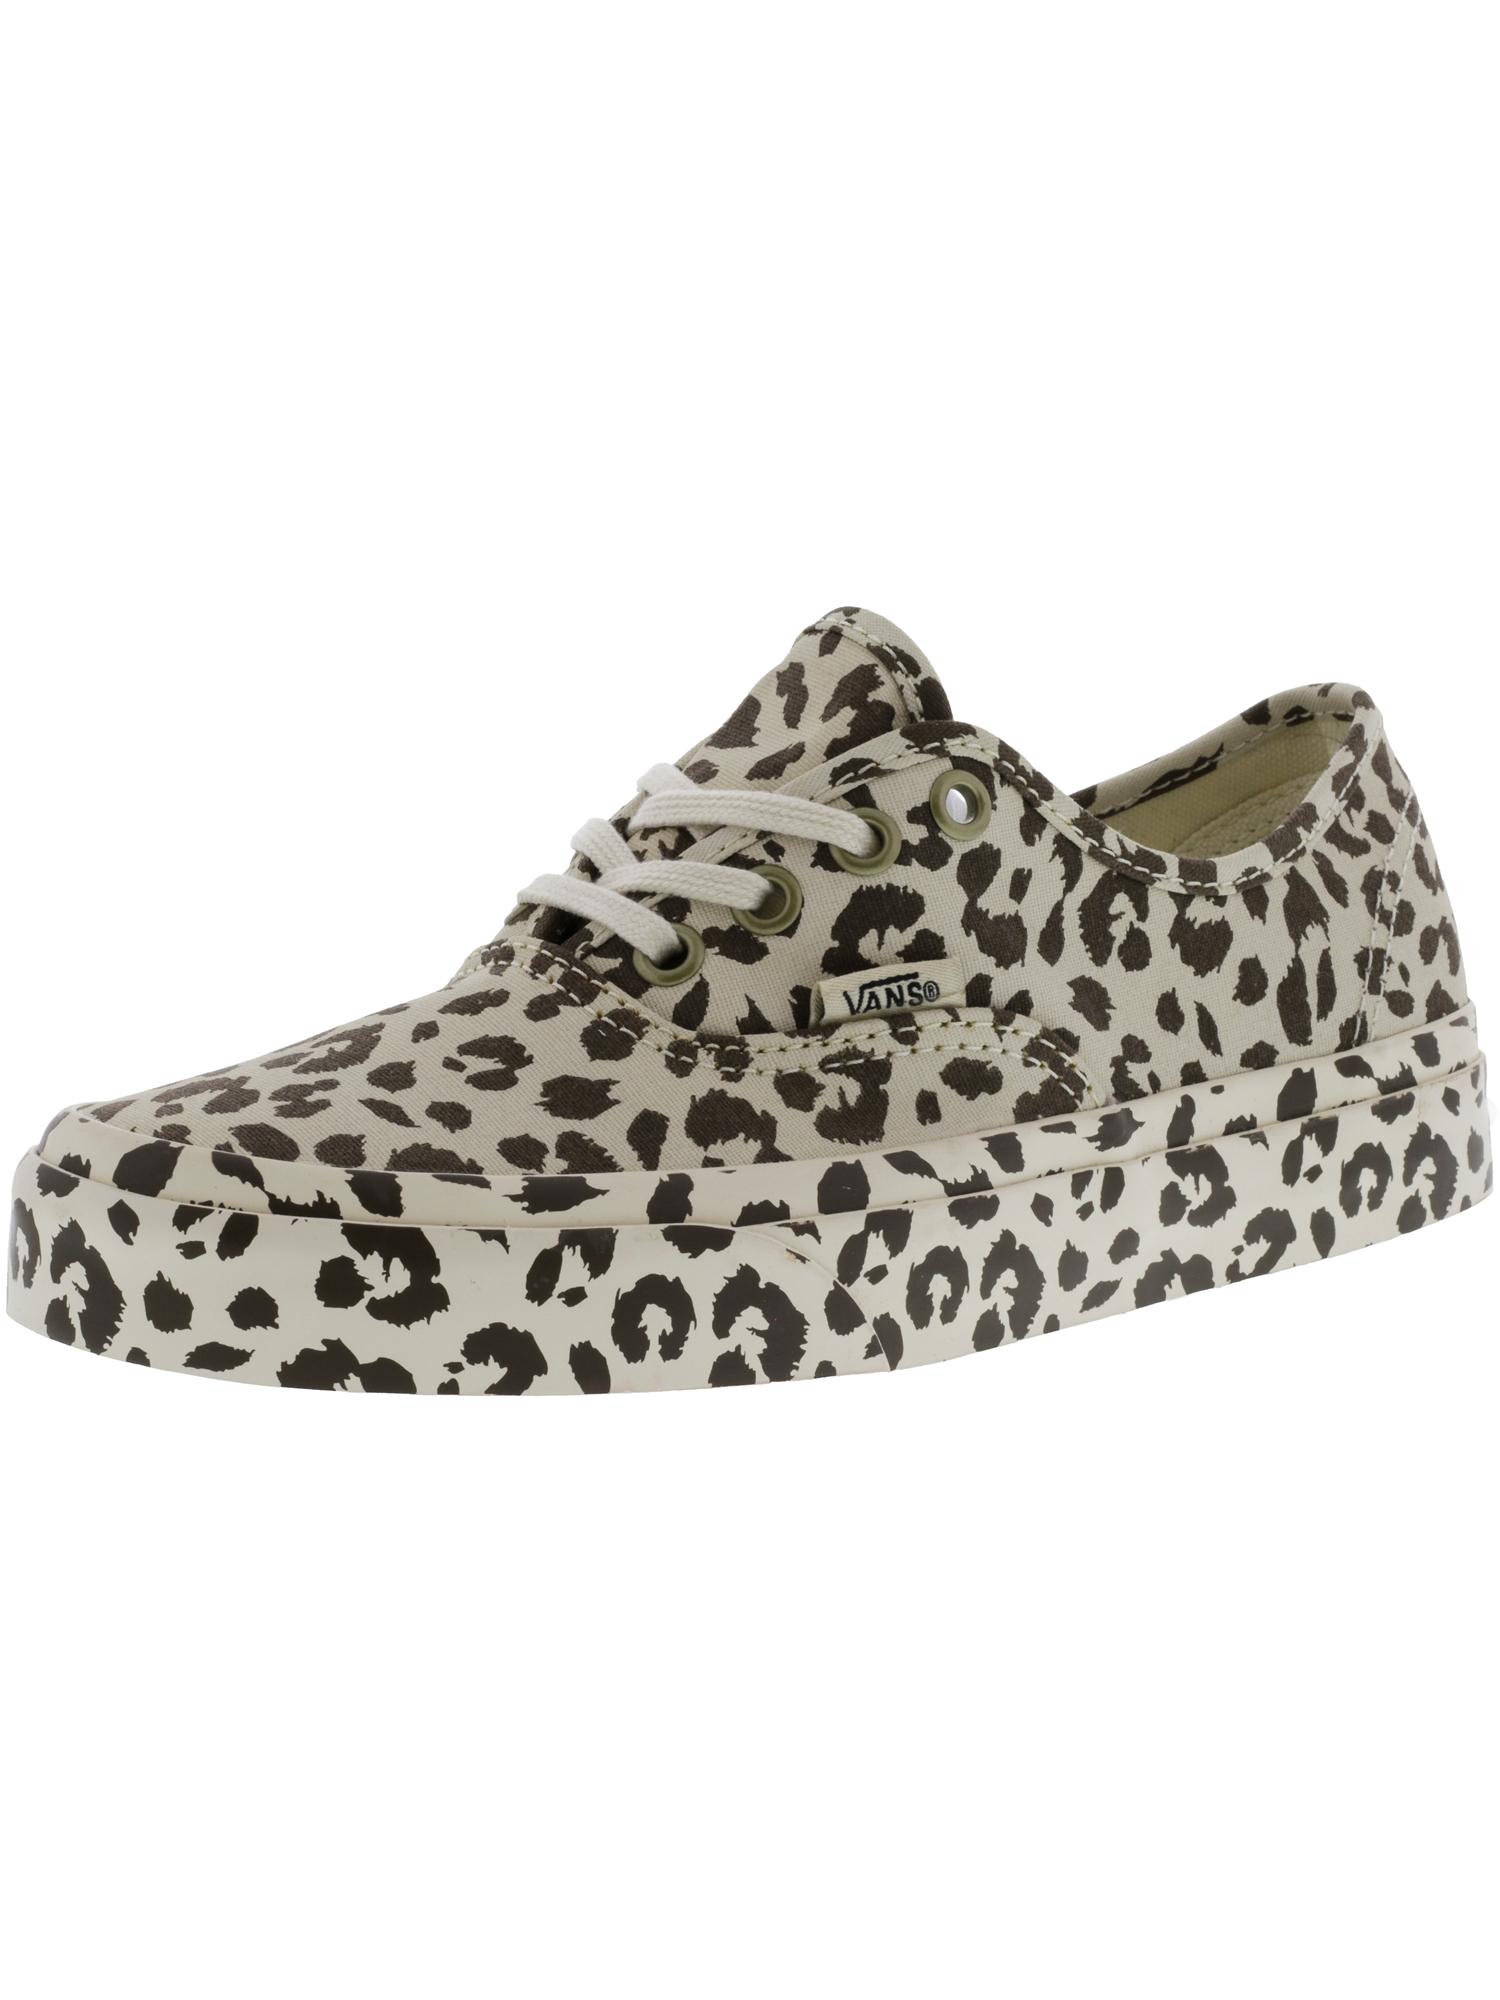 Vans Authentic Mono Print Leopard Ankle